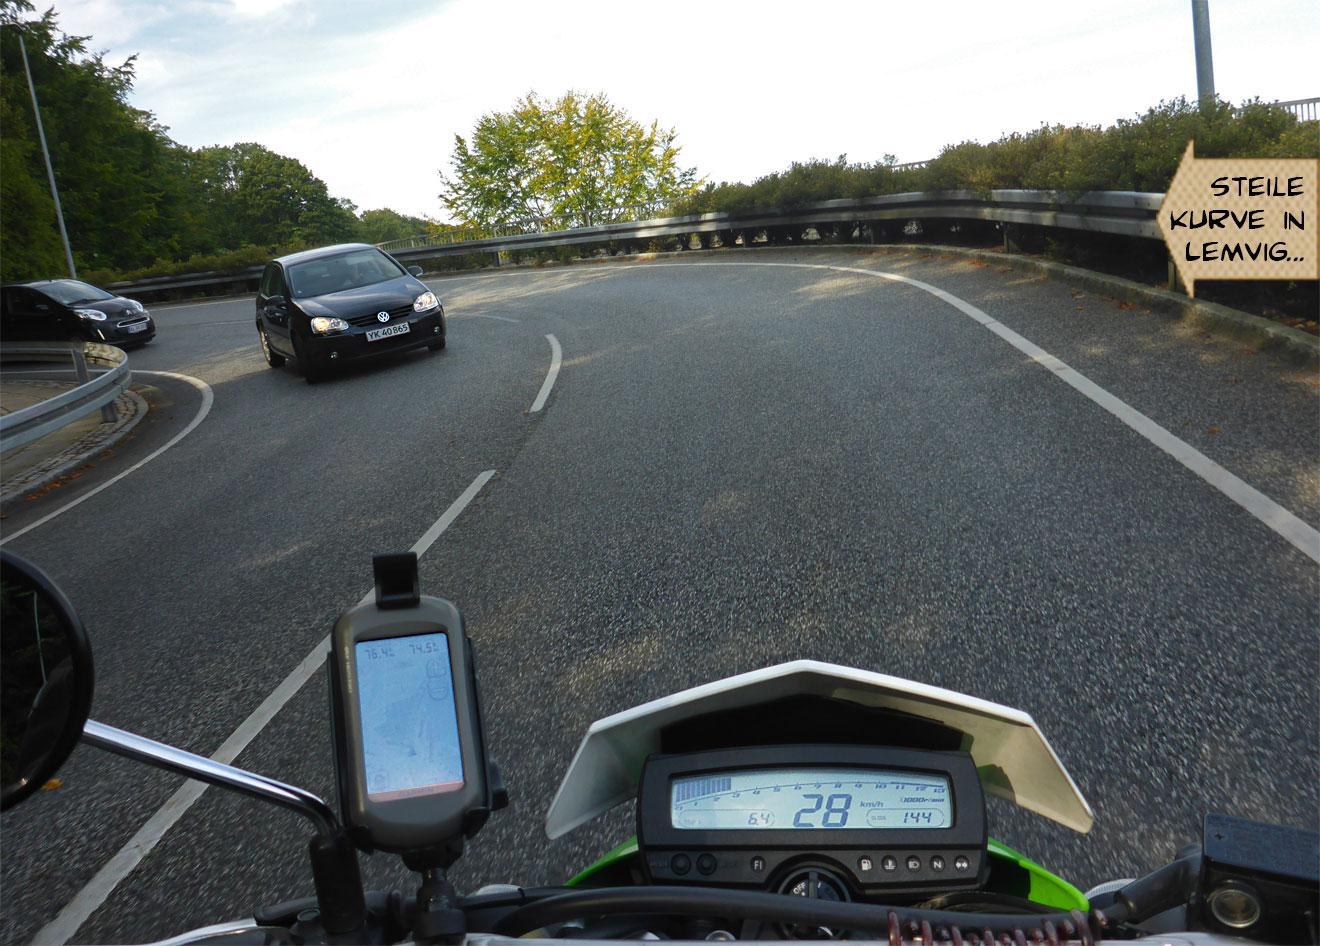 Kurve aus der Sicht eines Motorrads